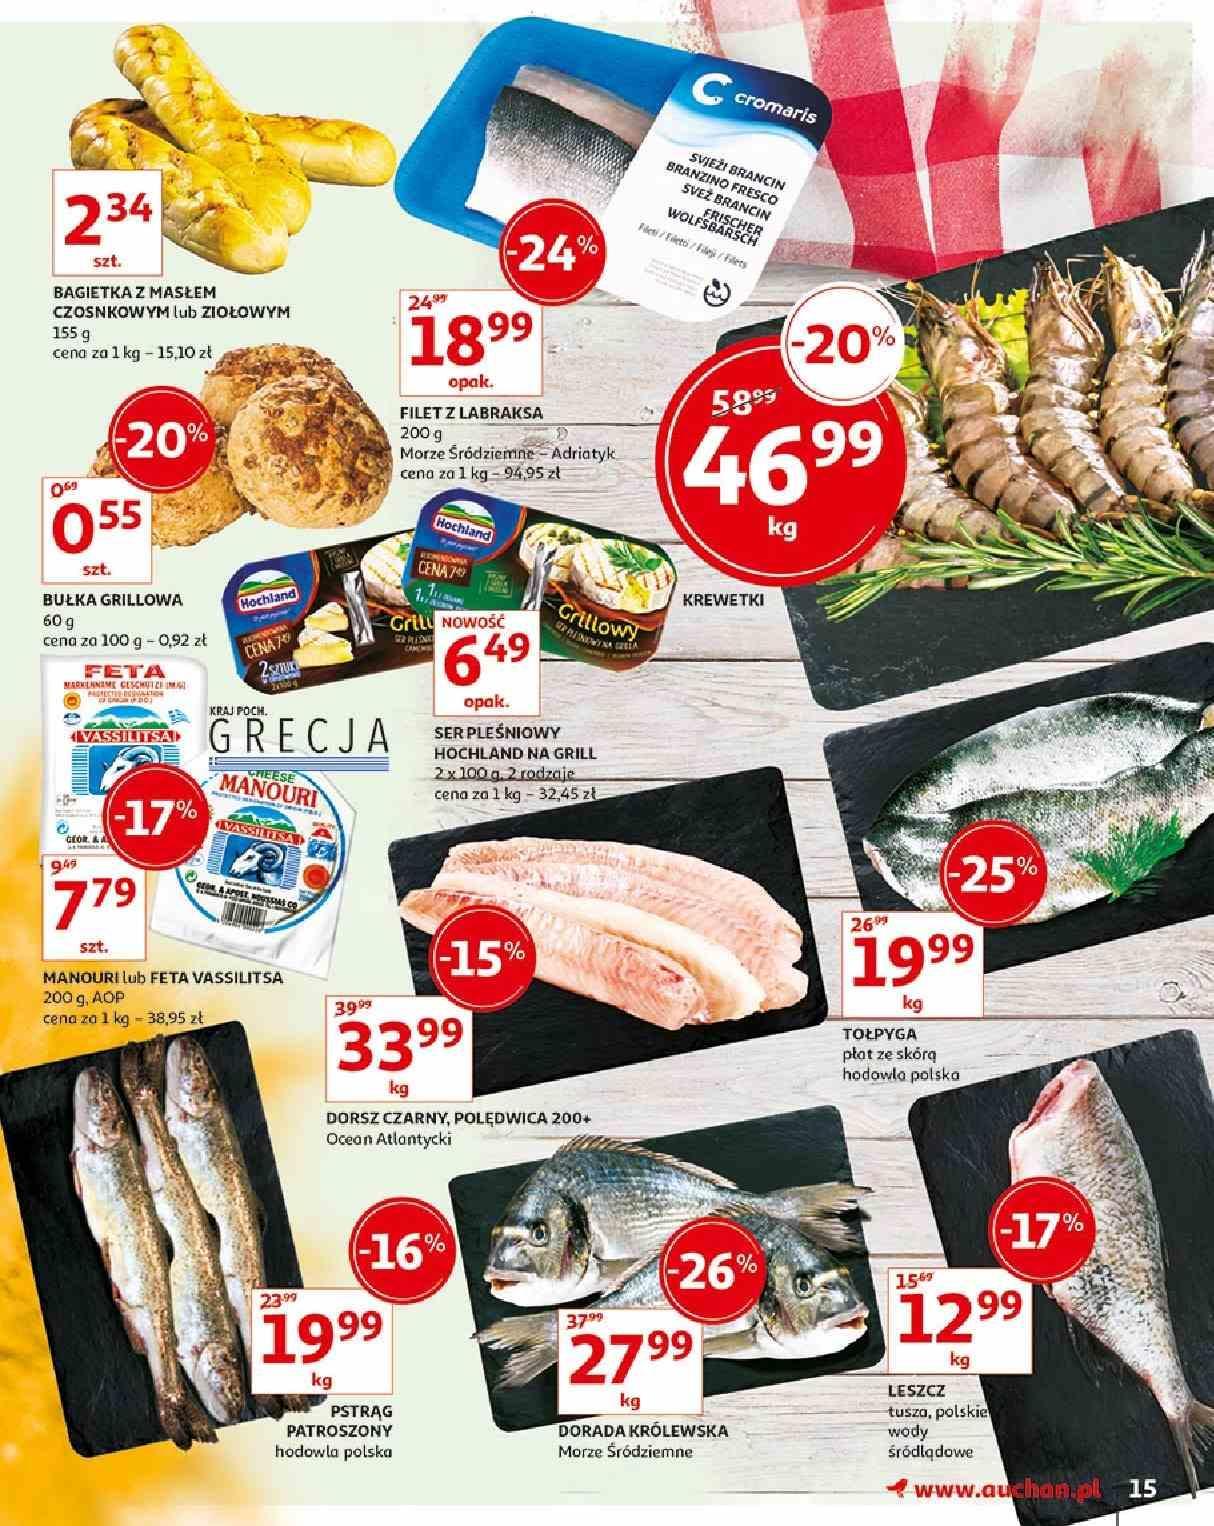 Gazetka promocyjna Auchan do 06/05/2019 str.14